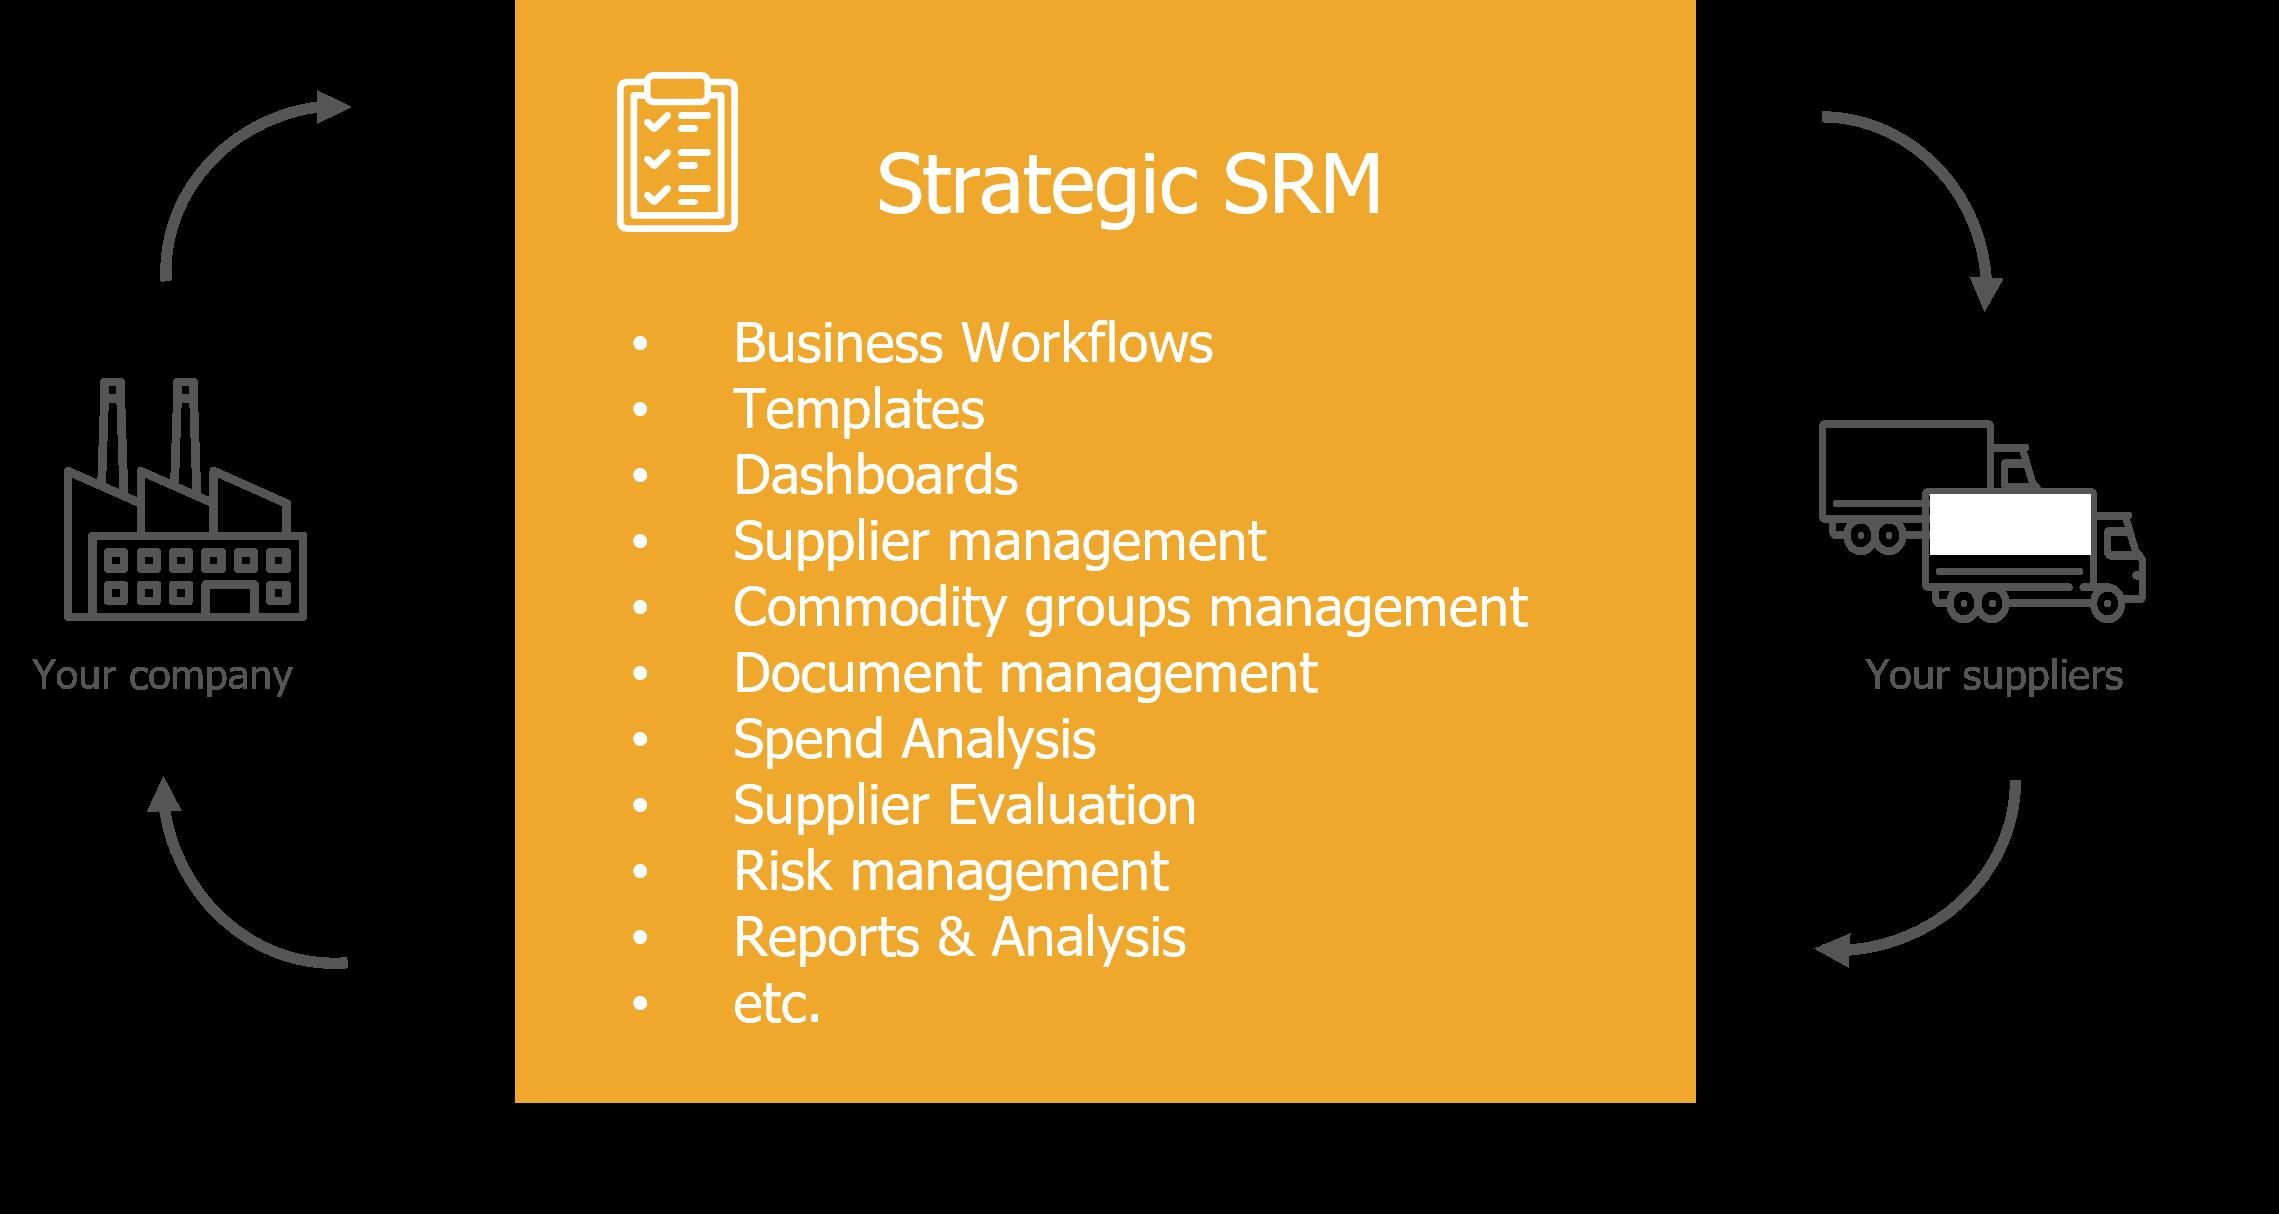 Strategic_SRM_en